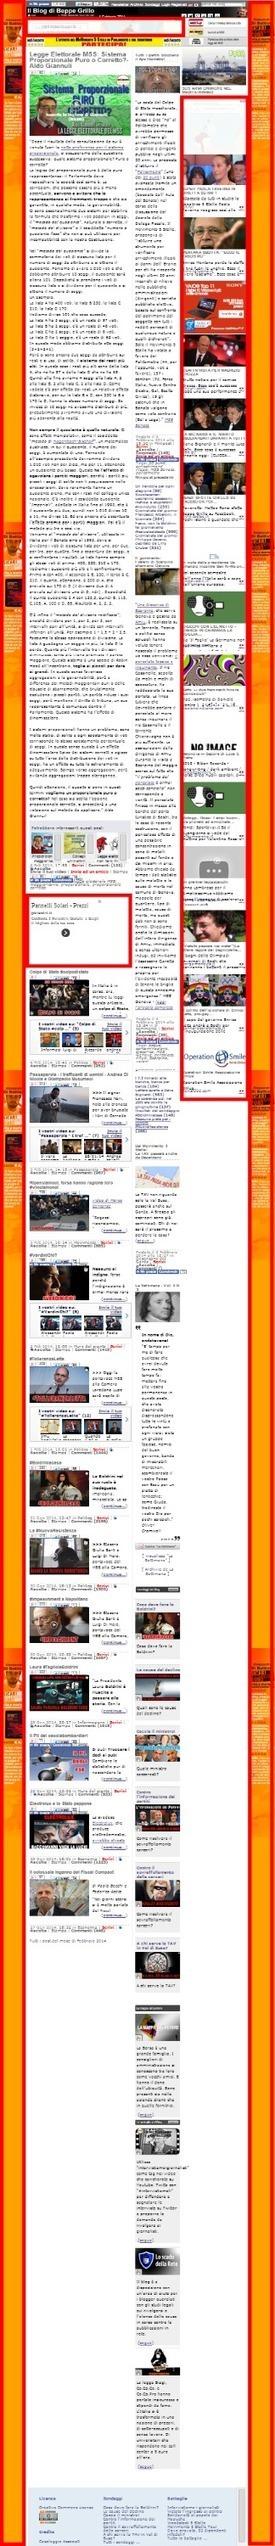 Beppe Grillo non ti voto perchè... | The Matteo Rossini Post | Scoop.it